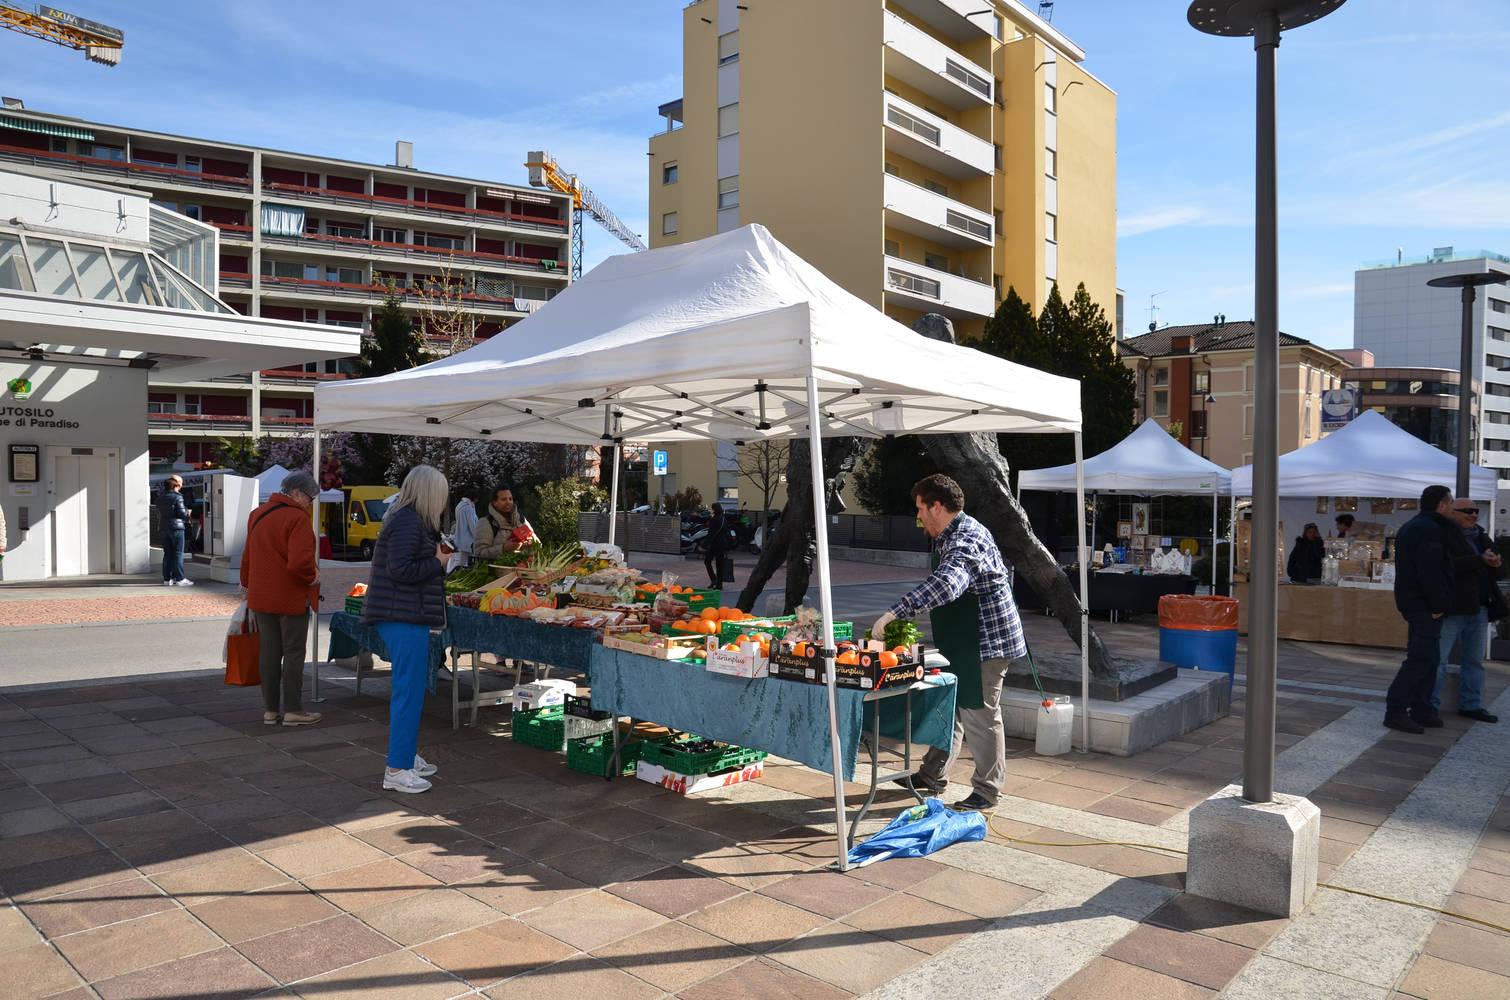 Successo pieno per il Mercato in Piazza